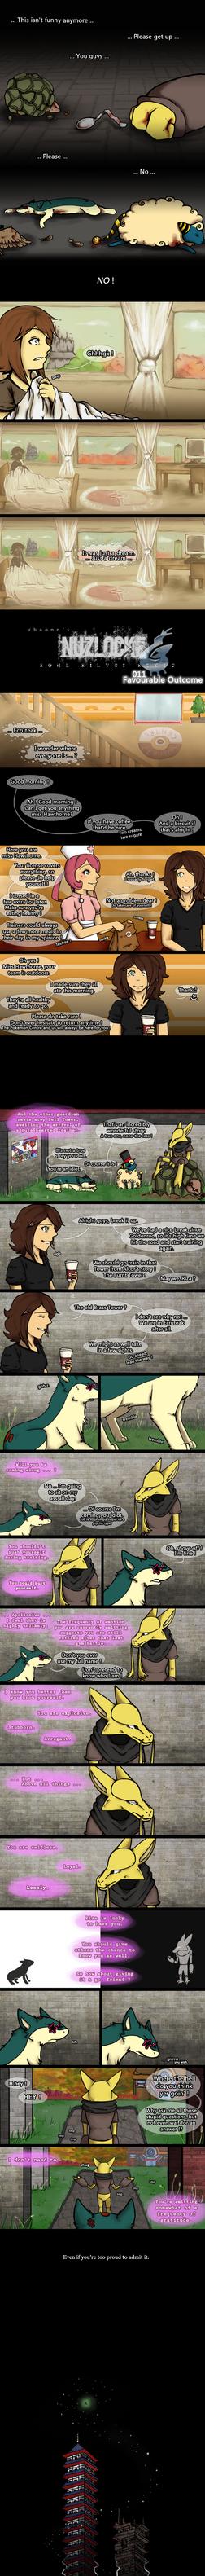 Rhaenn's SS Nuzlocke - Page 11 by Rhaenn